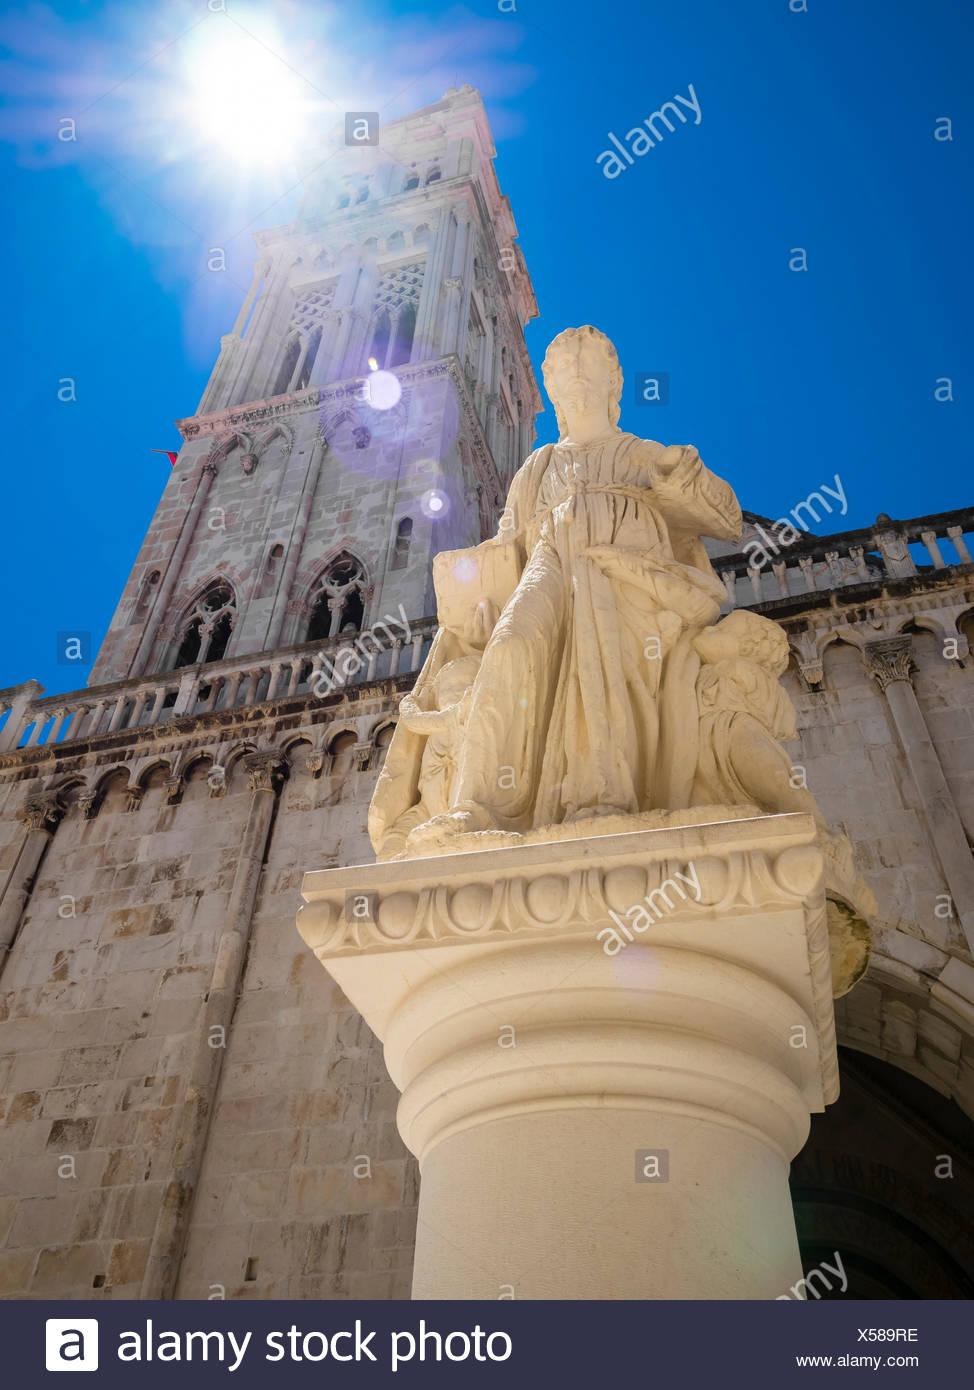 Kroatien, Adriaküste, Dalmatien, Region Split, Altstadt Trogir, UNESCO Weltkulturerbe, Kathedrale Sveti Lovro oder St.-Laurentius-Kathedrale, Kathedra - Stock Image